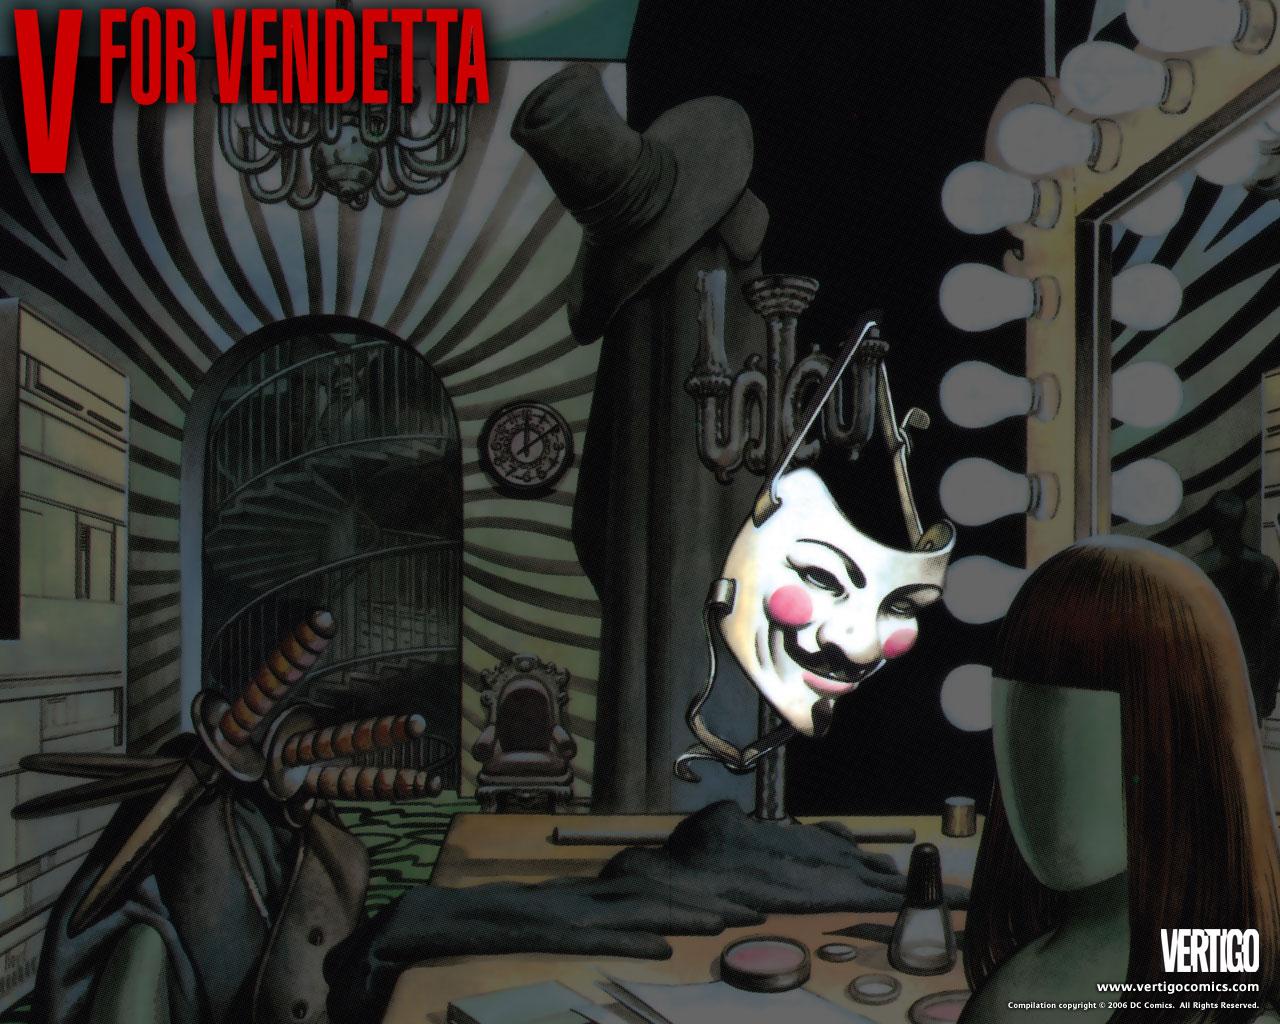 V For Vendetta V For Vendetta Wallpaper 473663 Fanpop